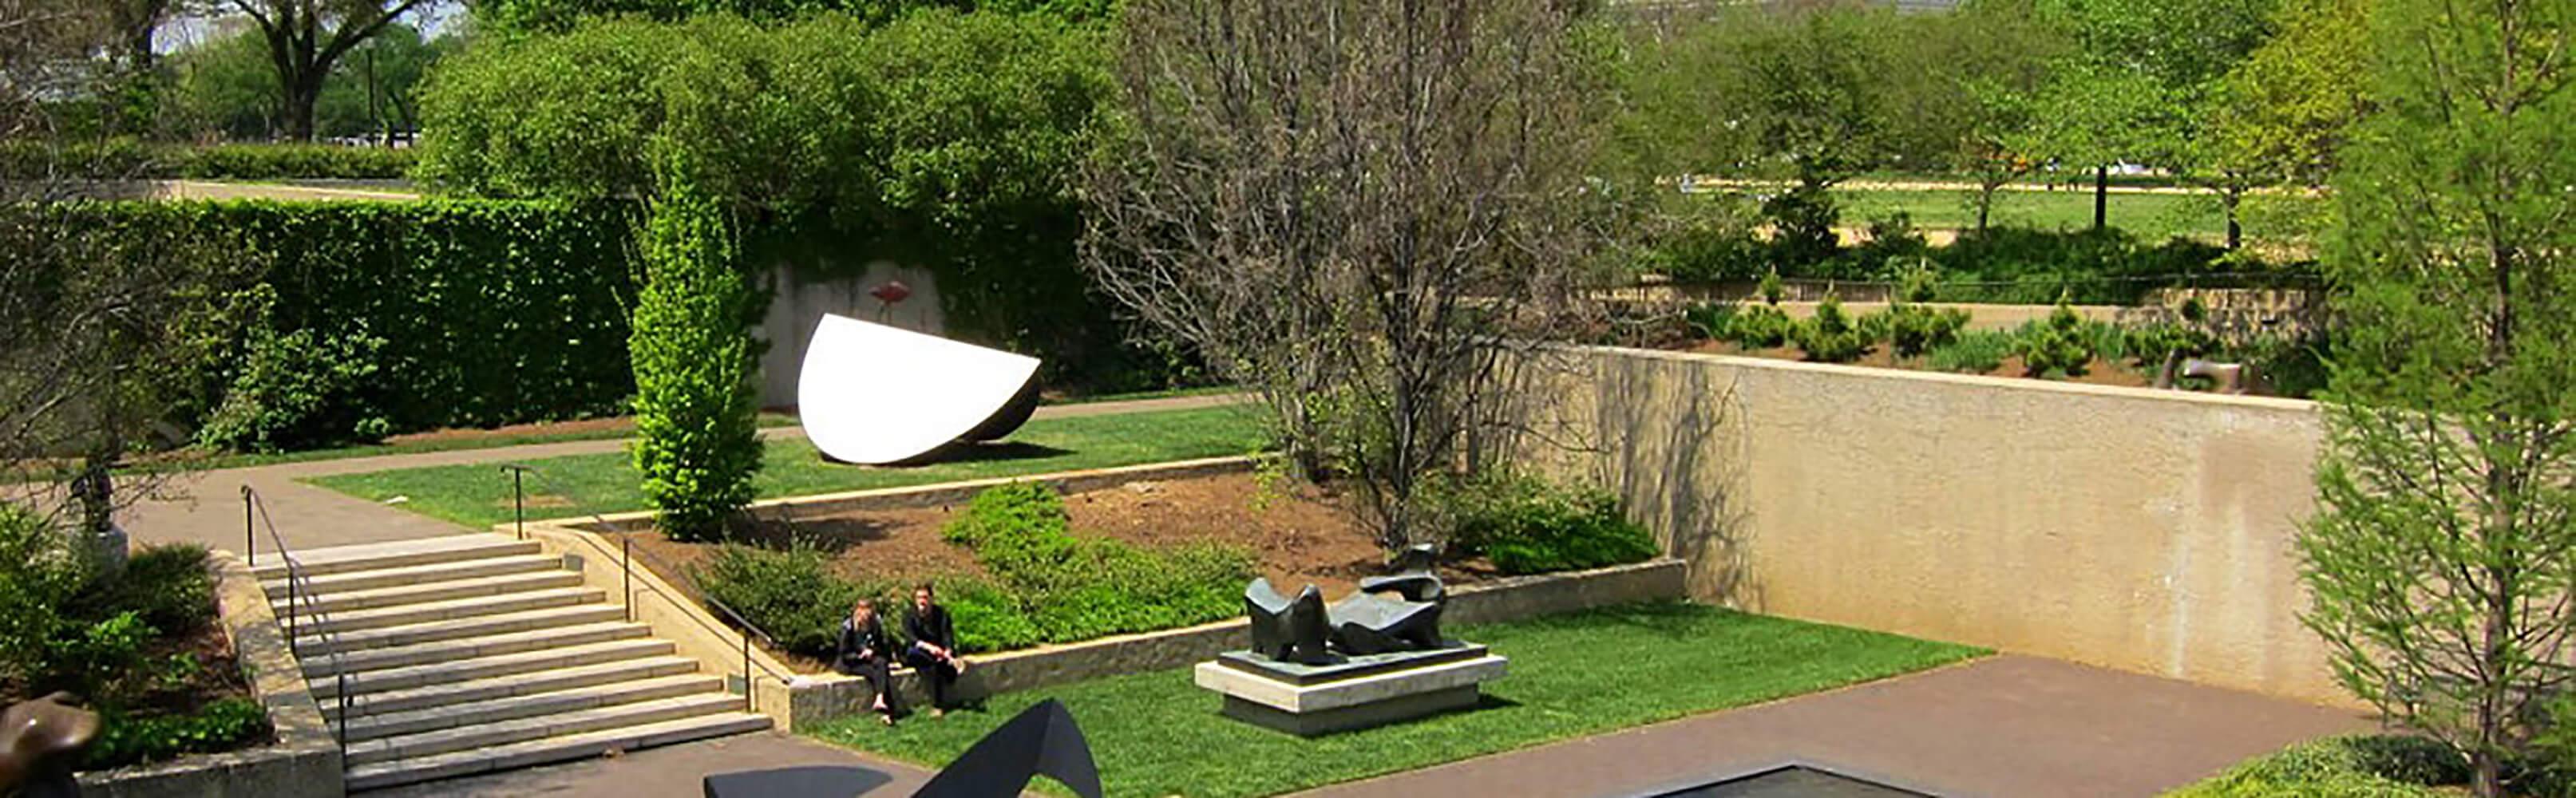 Hirshhorn Museum and Sculpture Garden 1